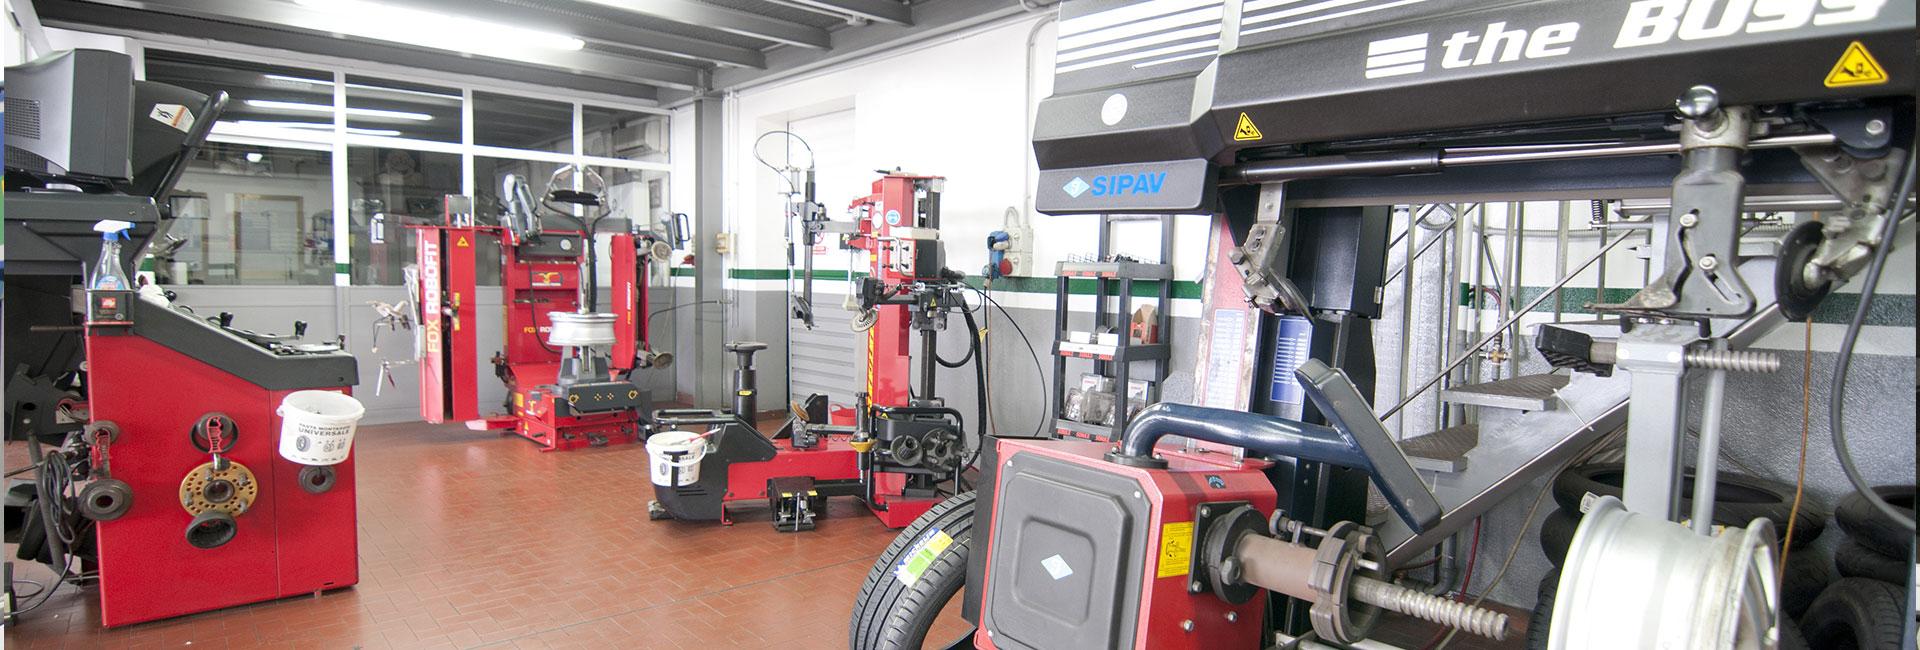 Gommista Euromaster Monserrato Cagliari